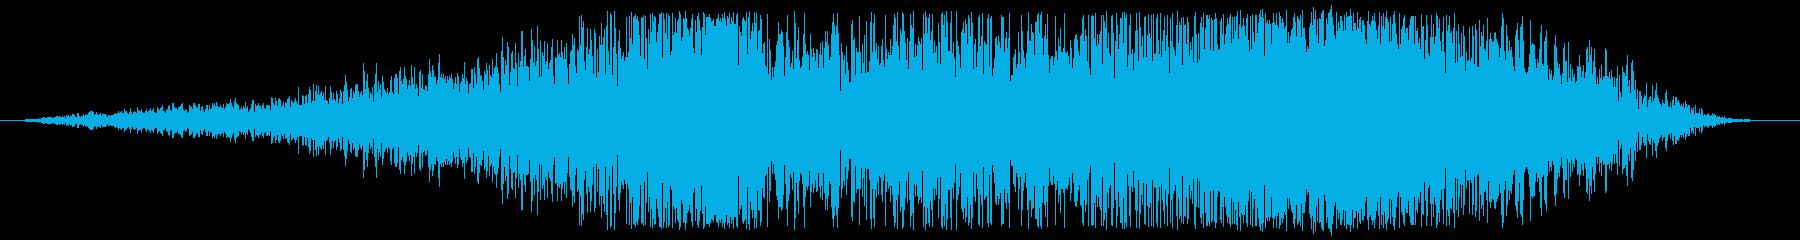 データチューンライザーの再生済みの波形